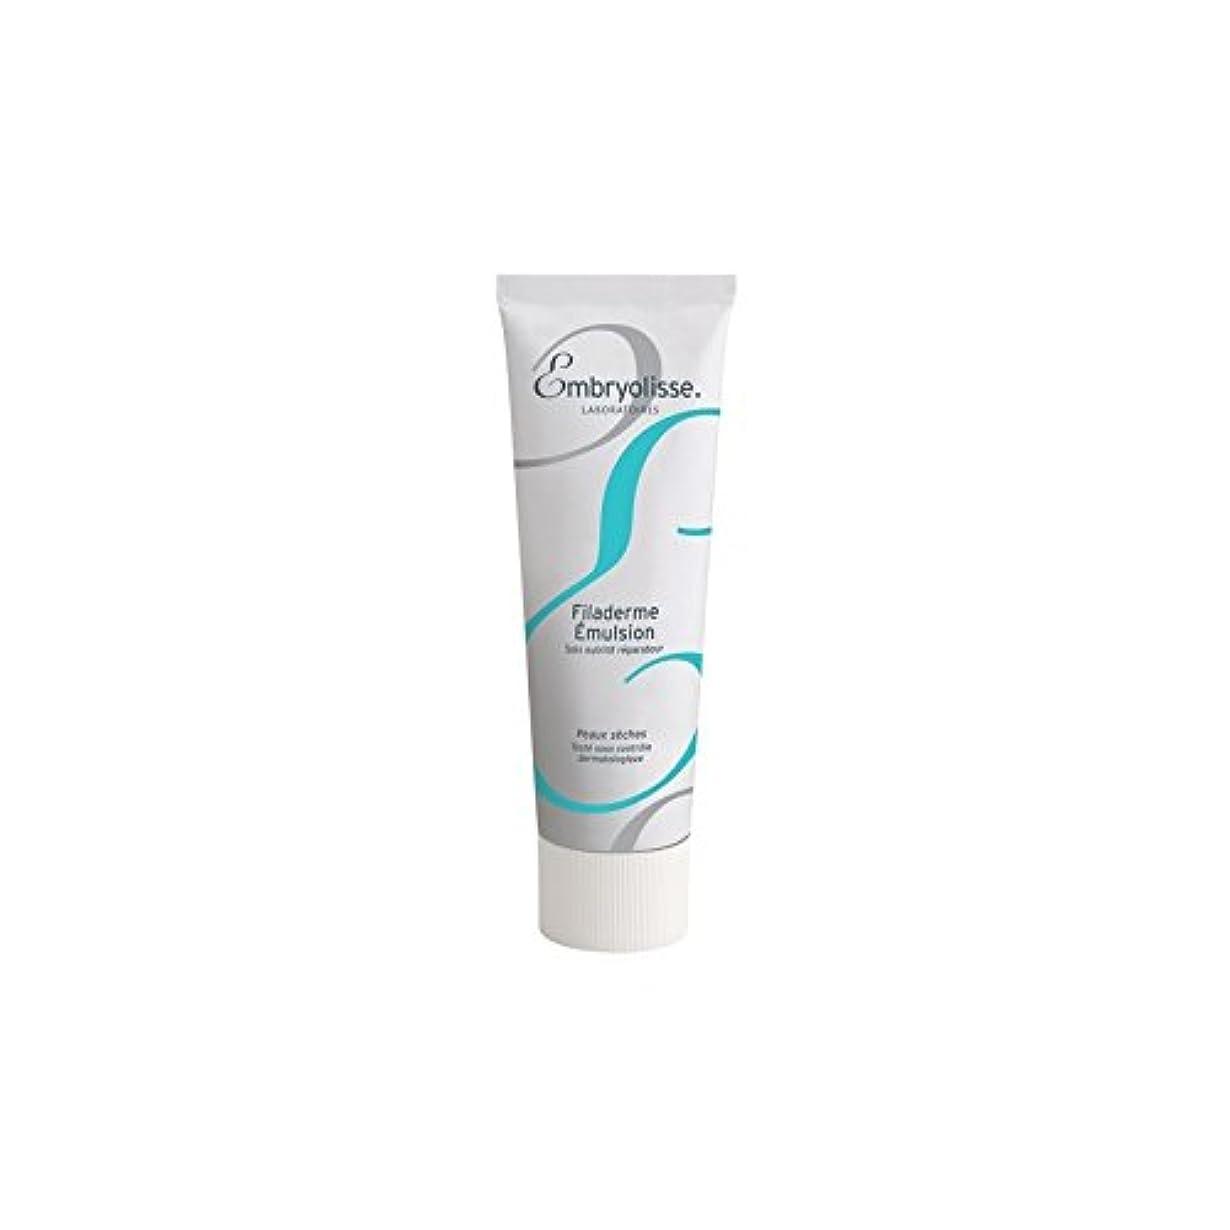 スパークメガロポリス密度Embryolisse Filaderme Emulsion (75ml) (Pack of 6) - エマルジョン(75ミリリットル) x6 [並行輸入品]